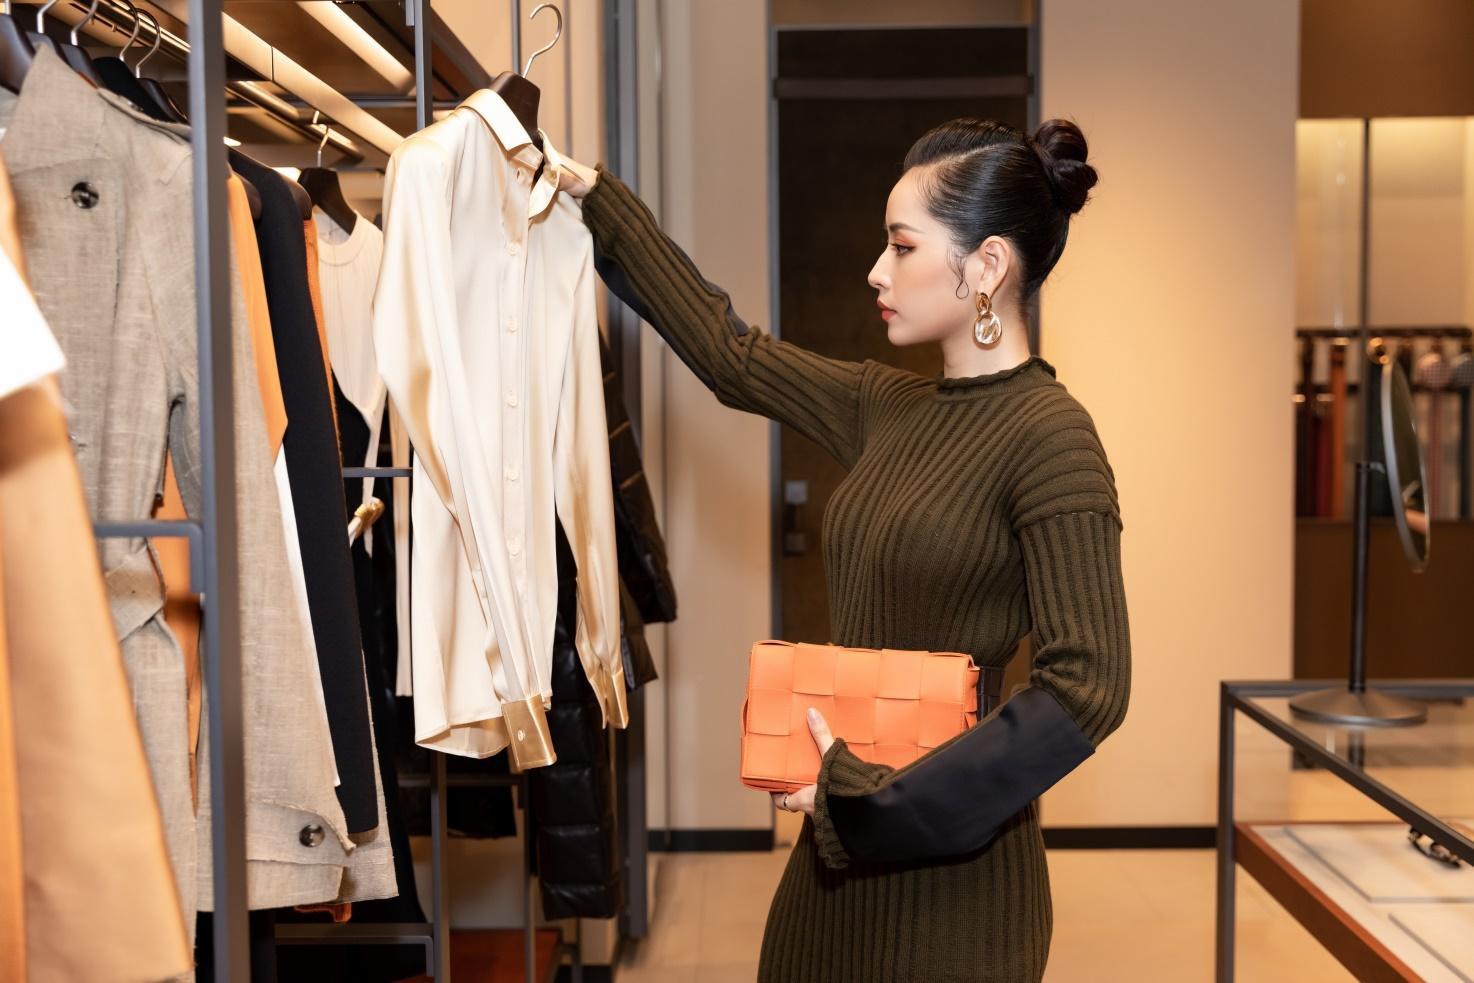 Bottega Veneta ra mắt BST mới: Dàn sao Việt yêu thời trang tụ hội, cùng khoe cá tính - Ảnh 7.